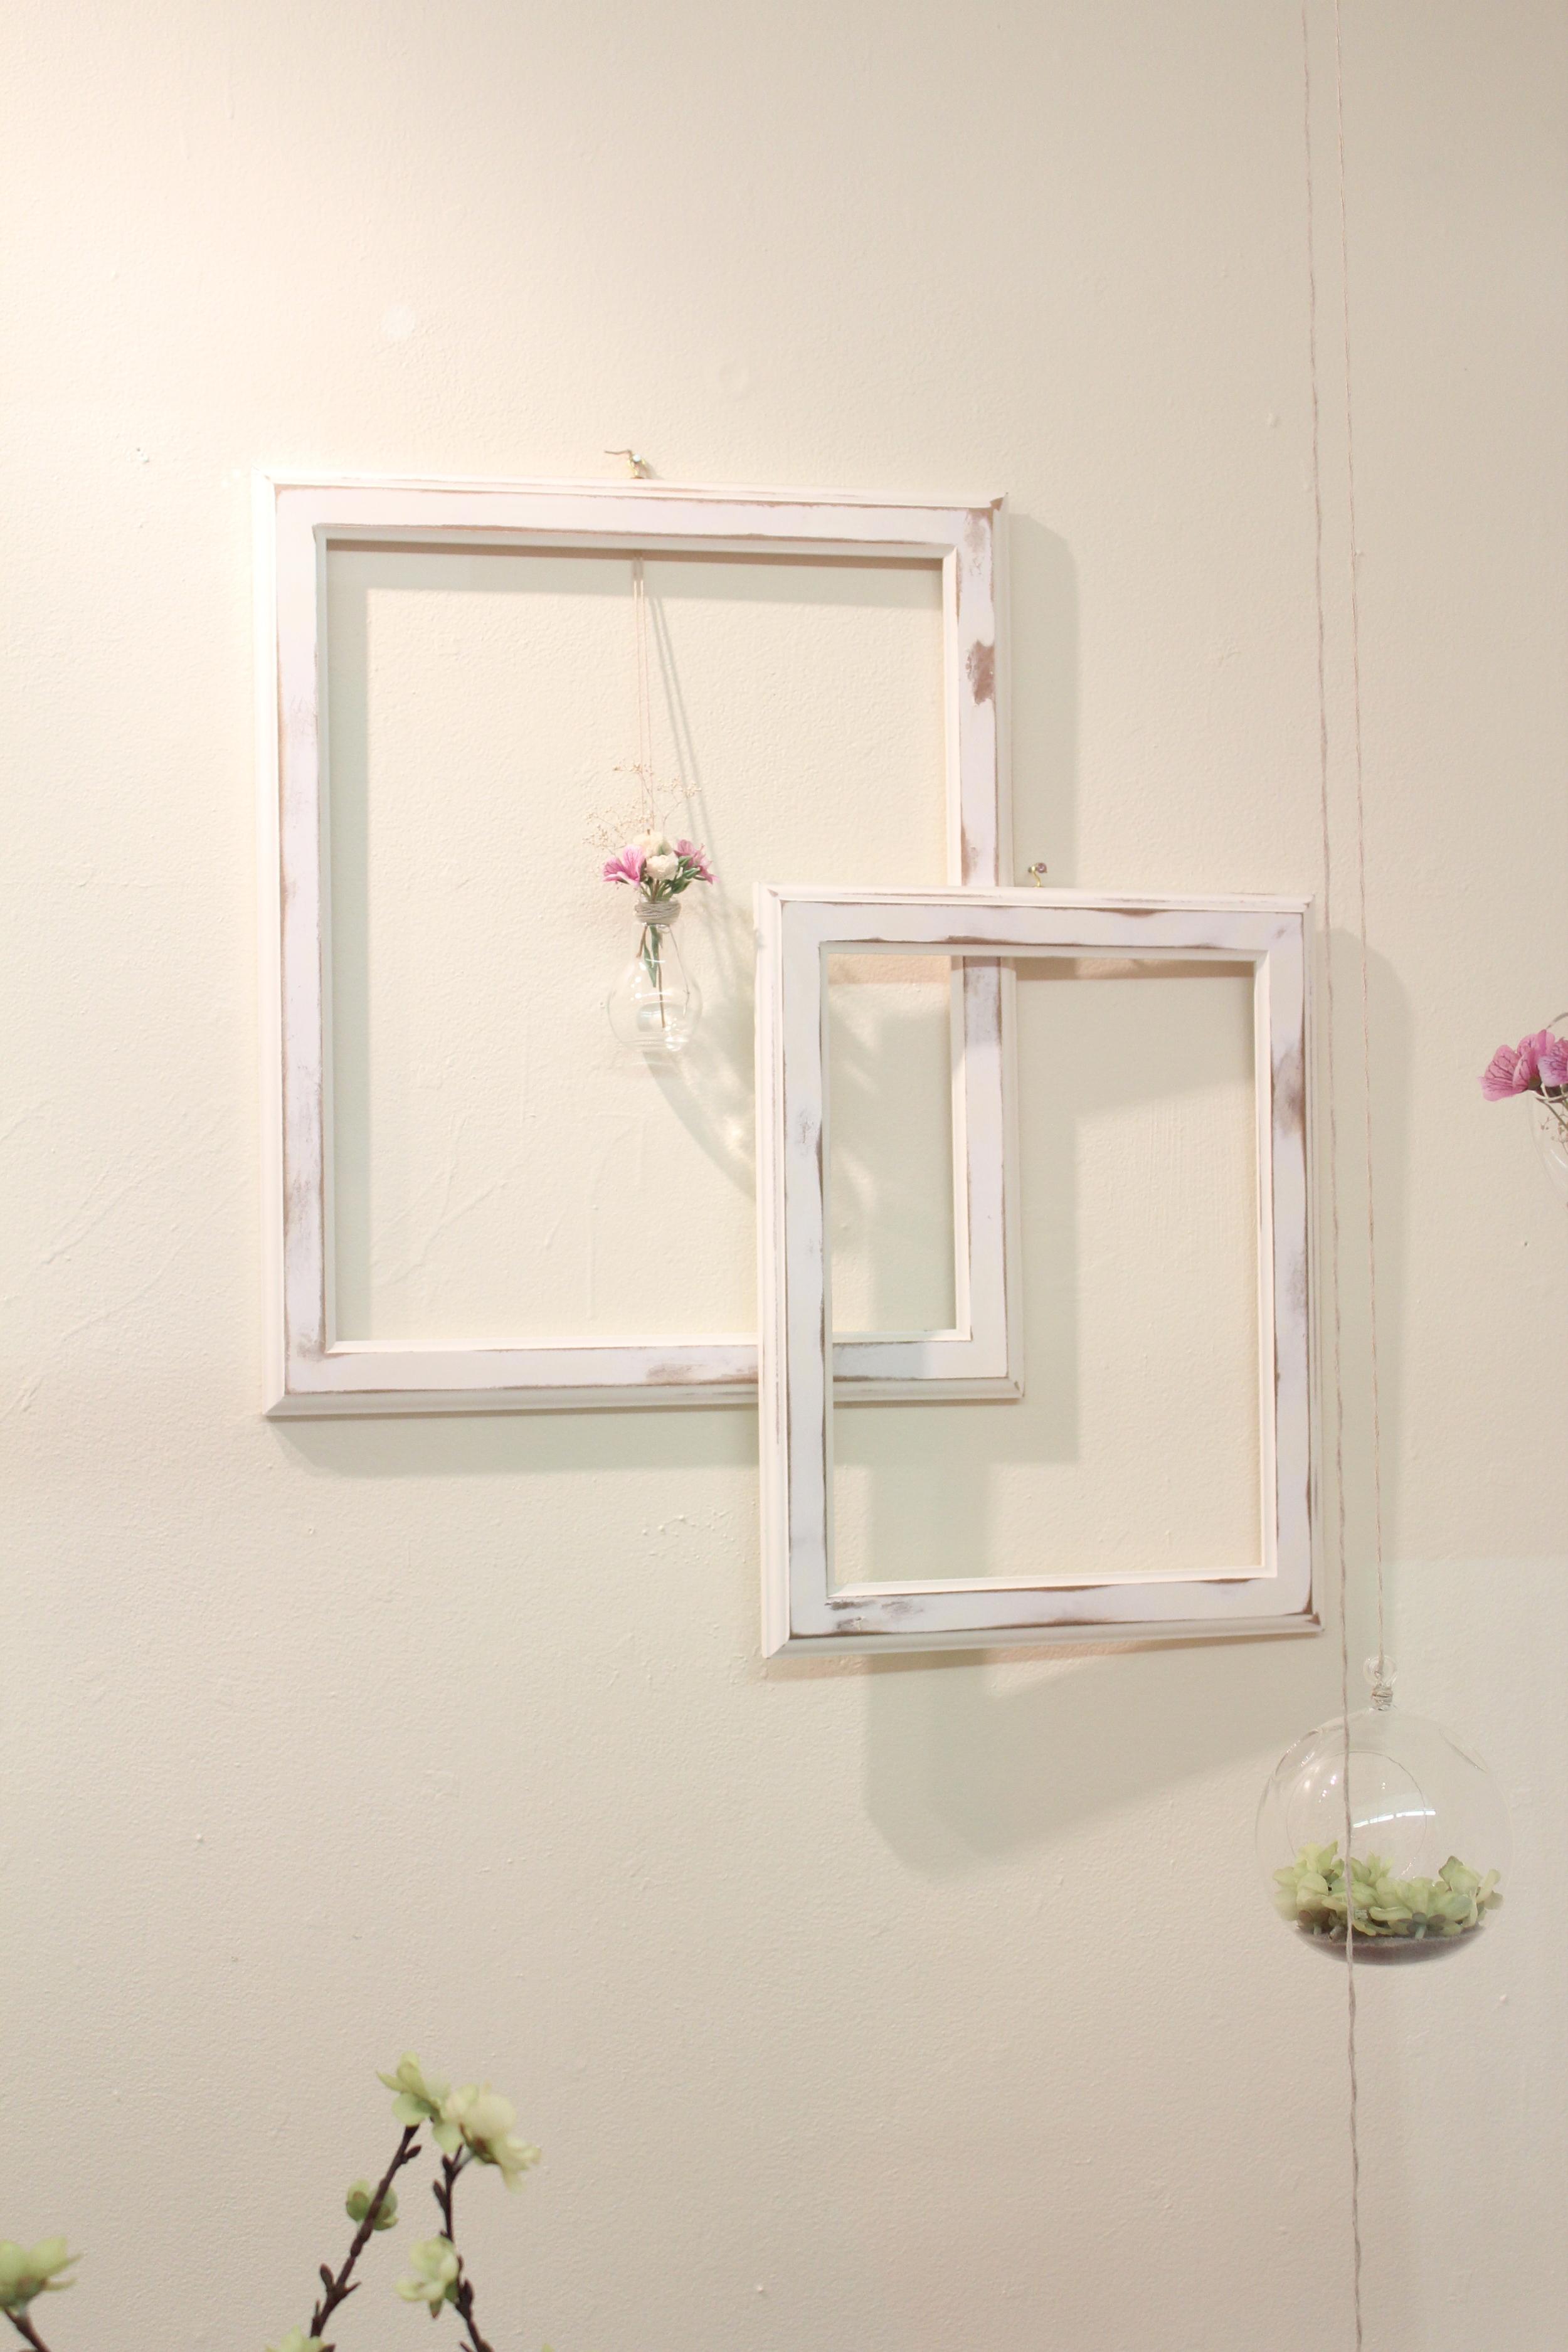 precindy-colas.com-projects-quietude-window-display.png